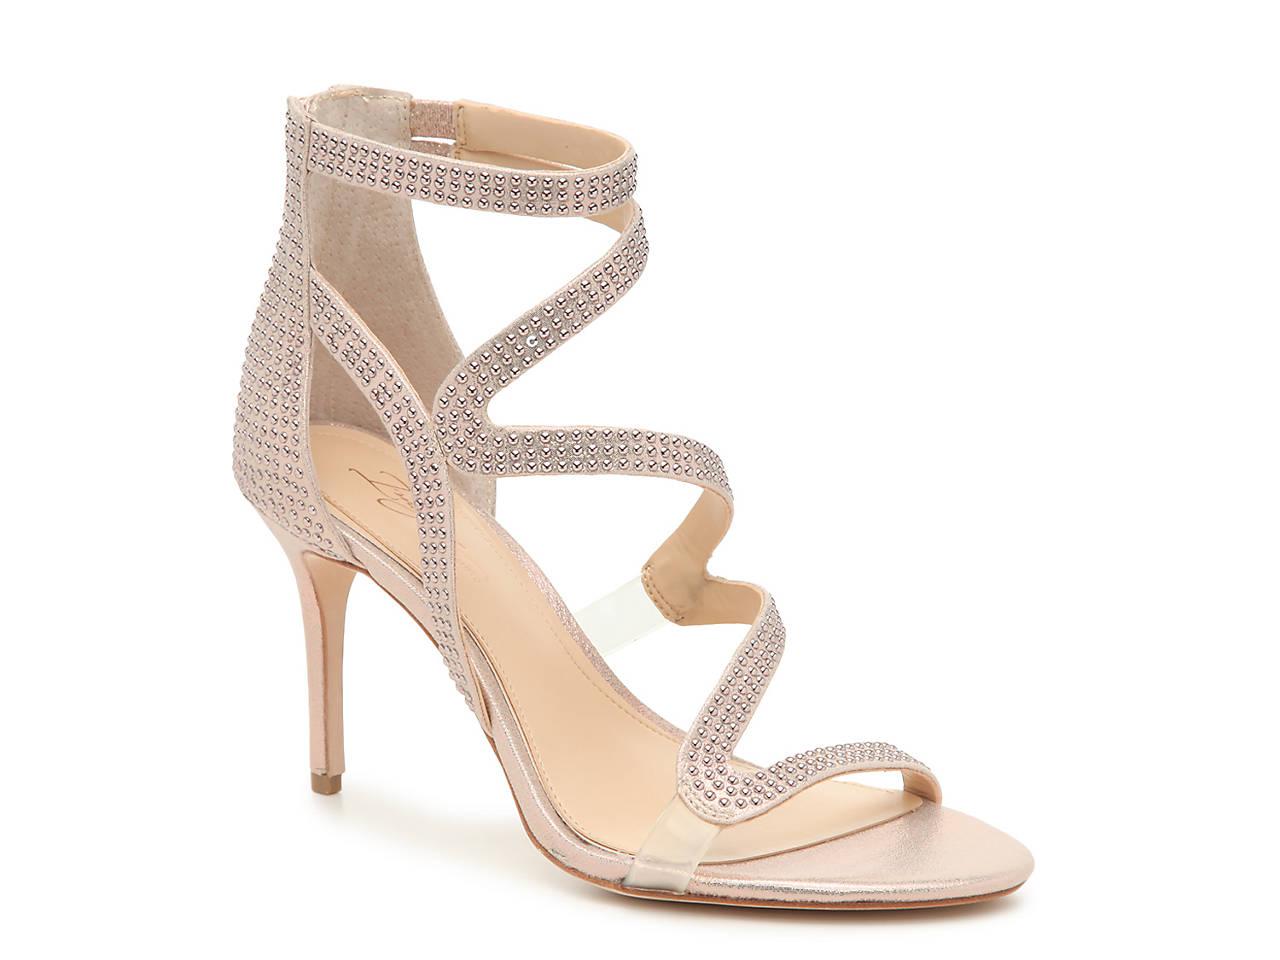 c1f3de40bc16 Imagine Vince Camuto Prest Sandal Women s Shoes